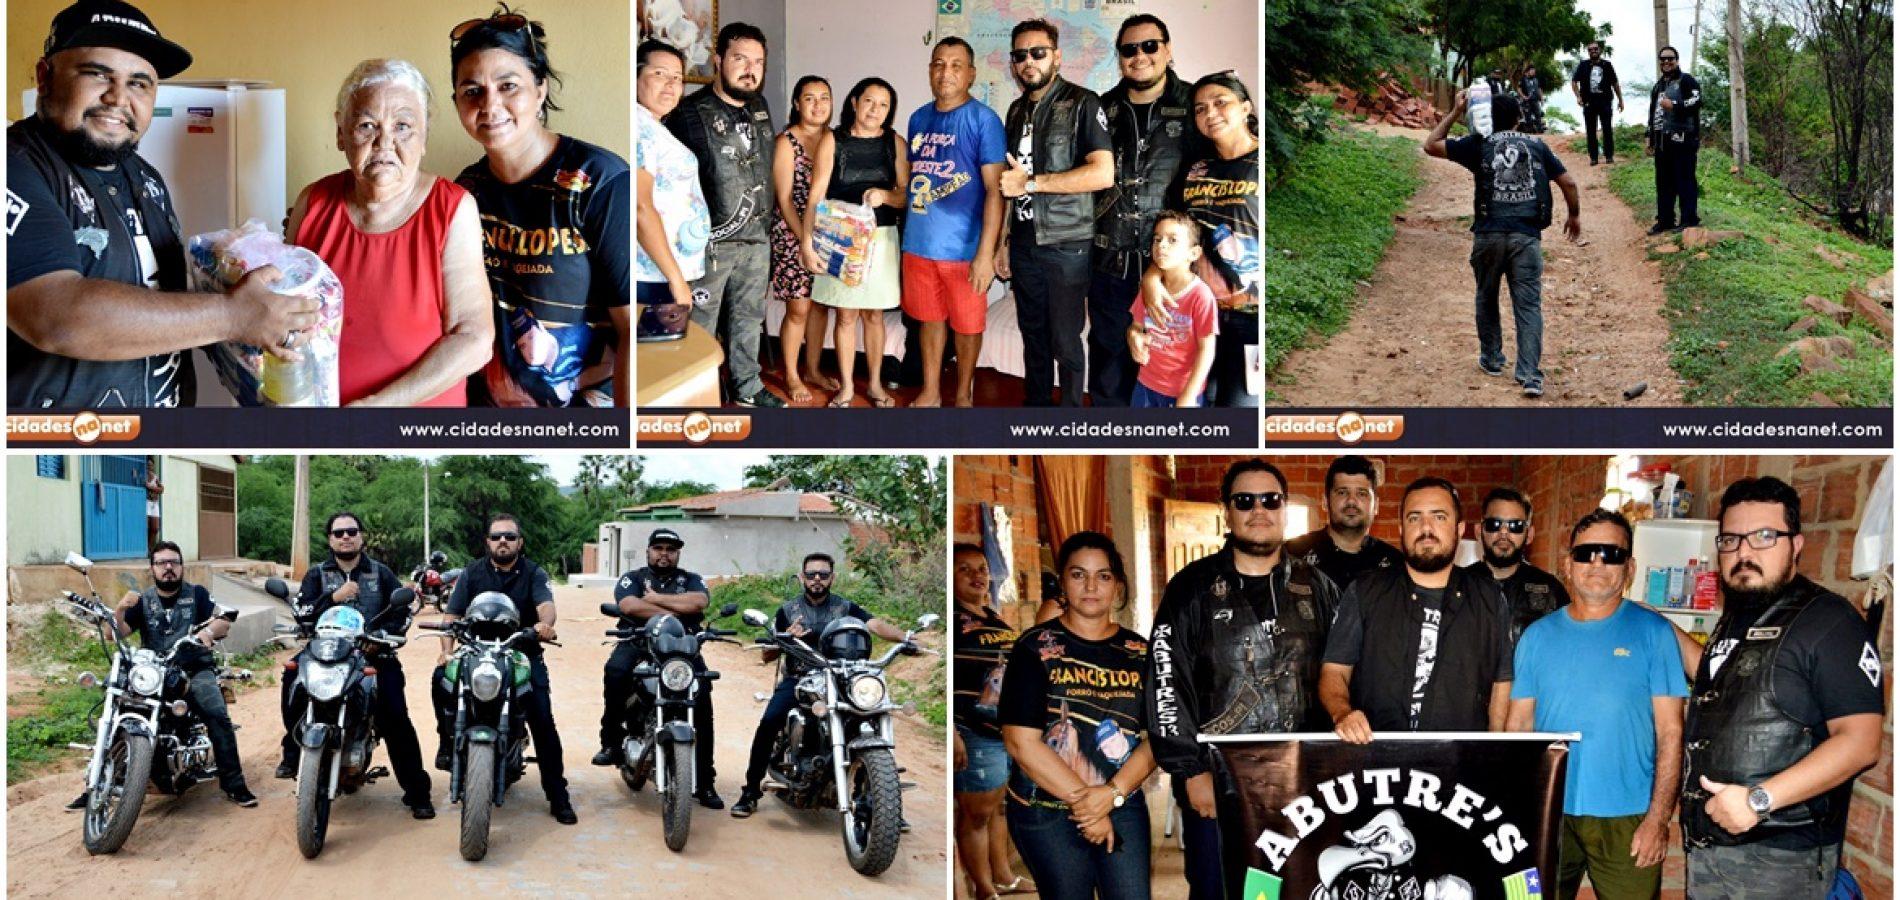 PICOS   Moto Clube Abutre`s distribui cestas básicas para famílias carentes; veja fotos